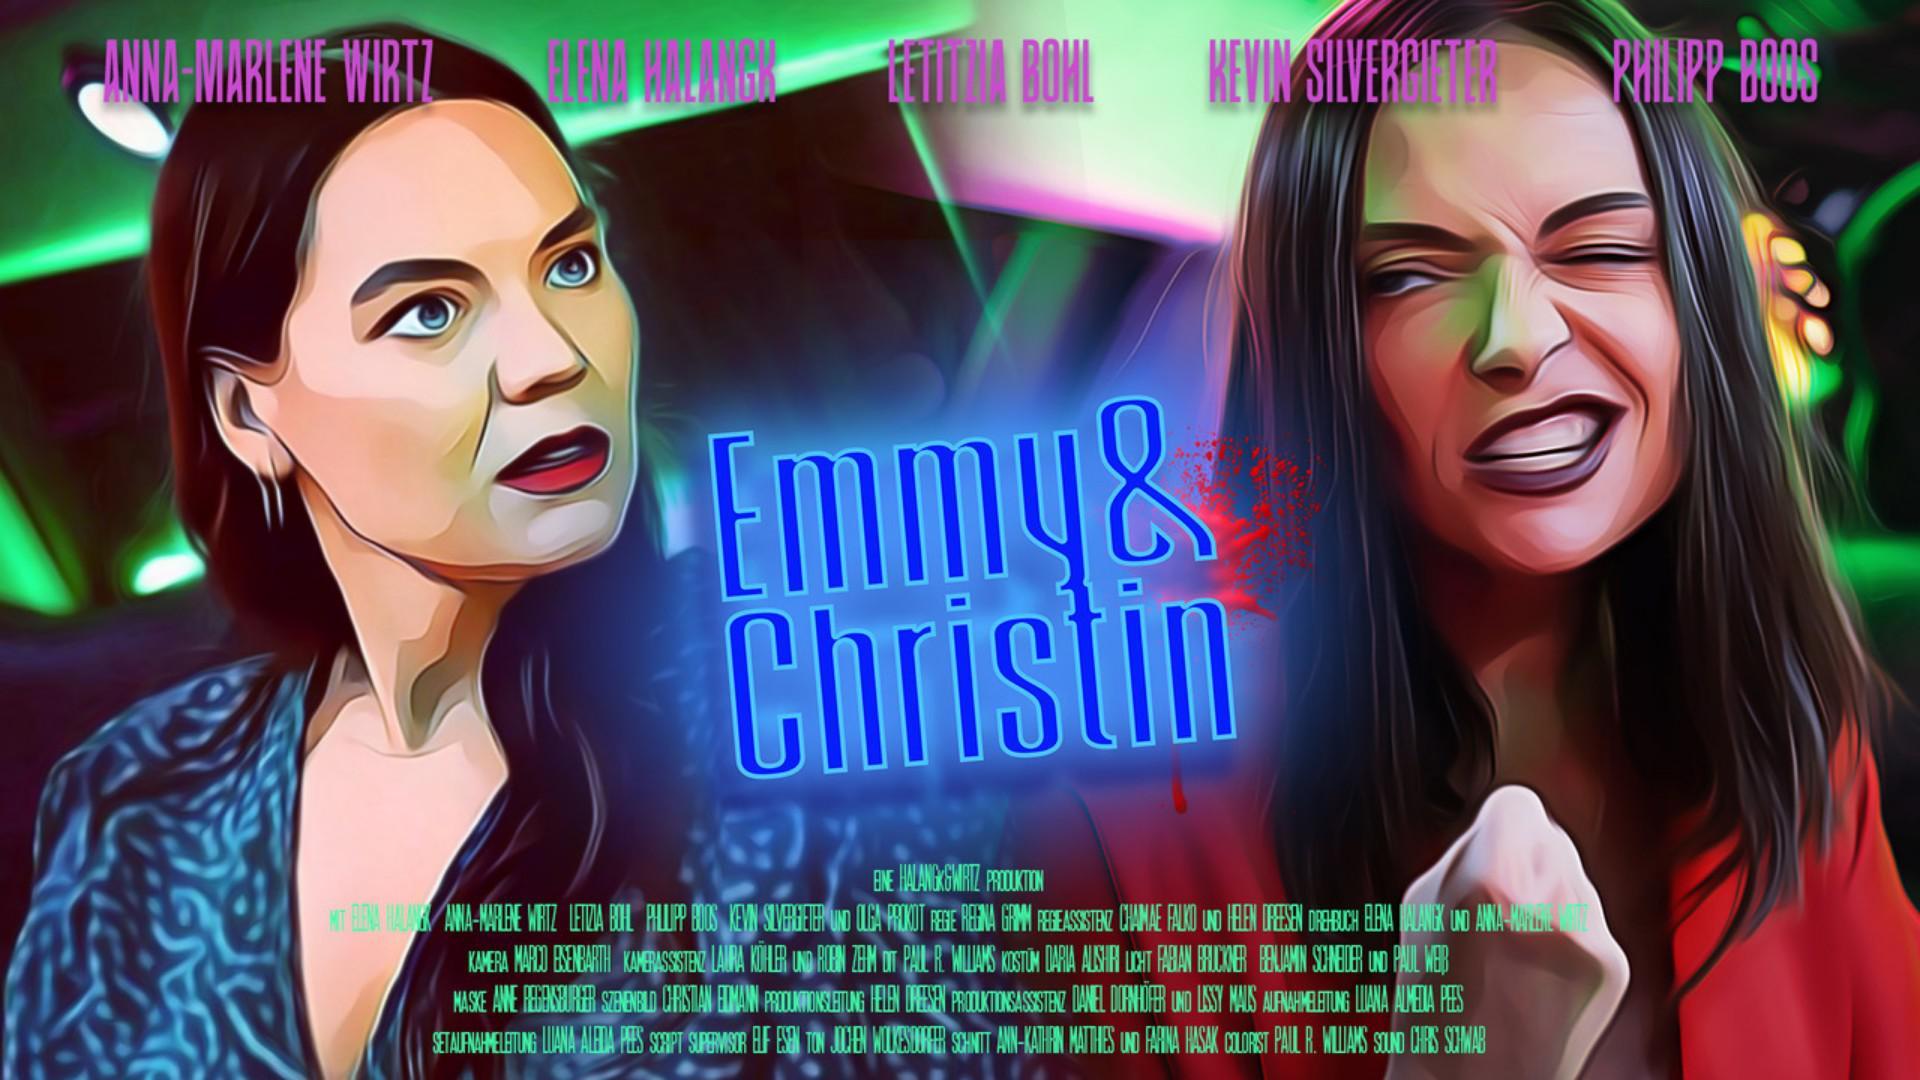 Emmy & Christin